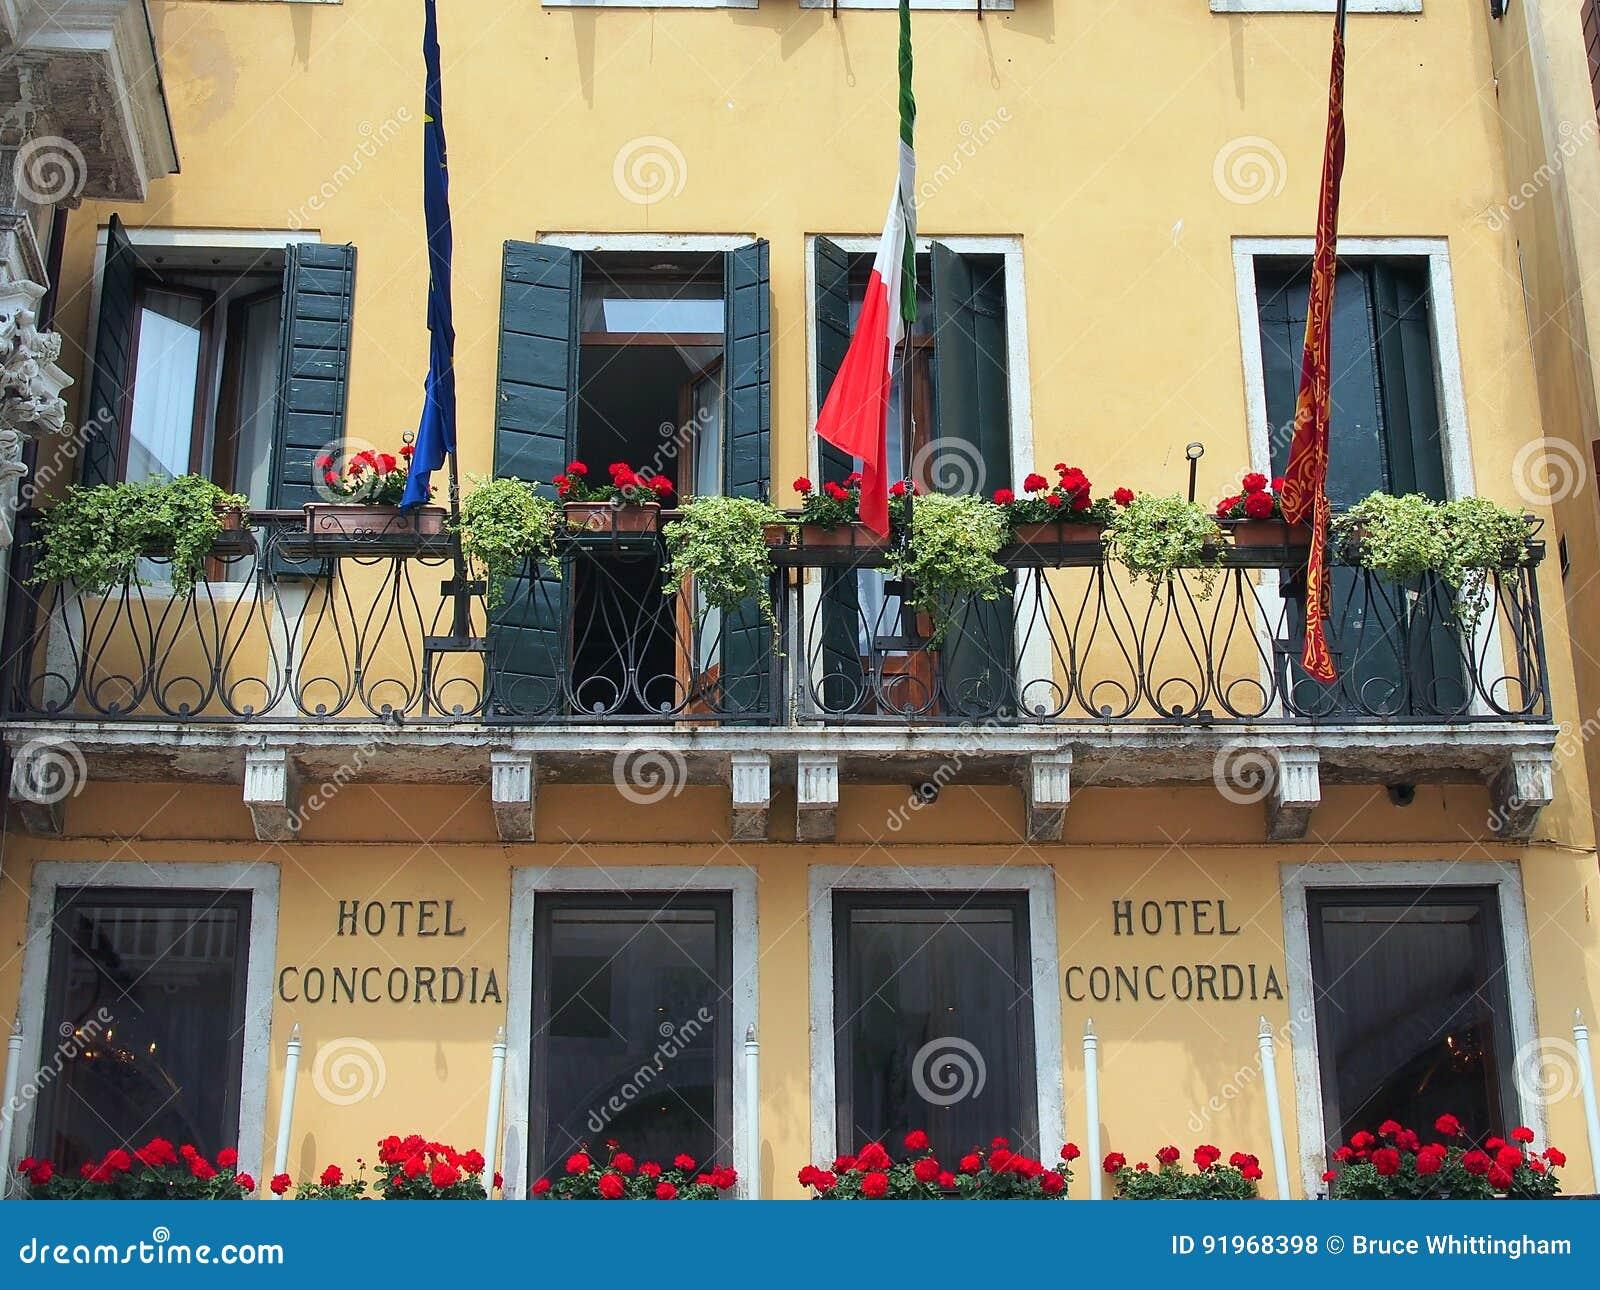 Venice To Cinque Terre